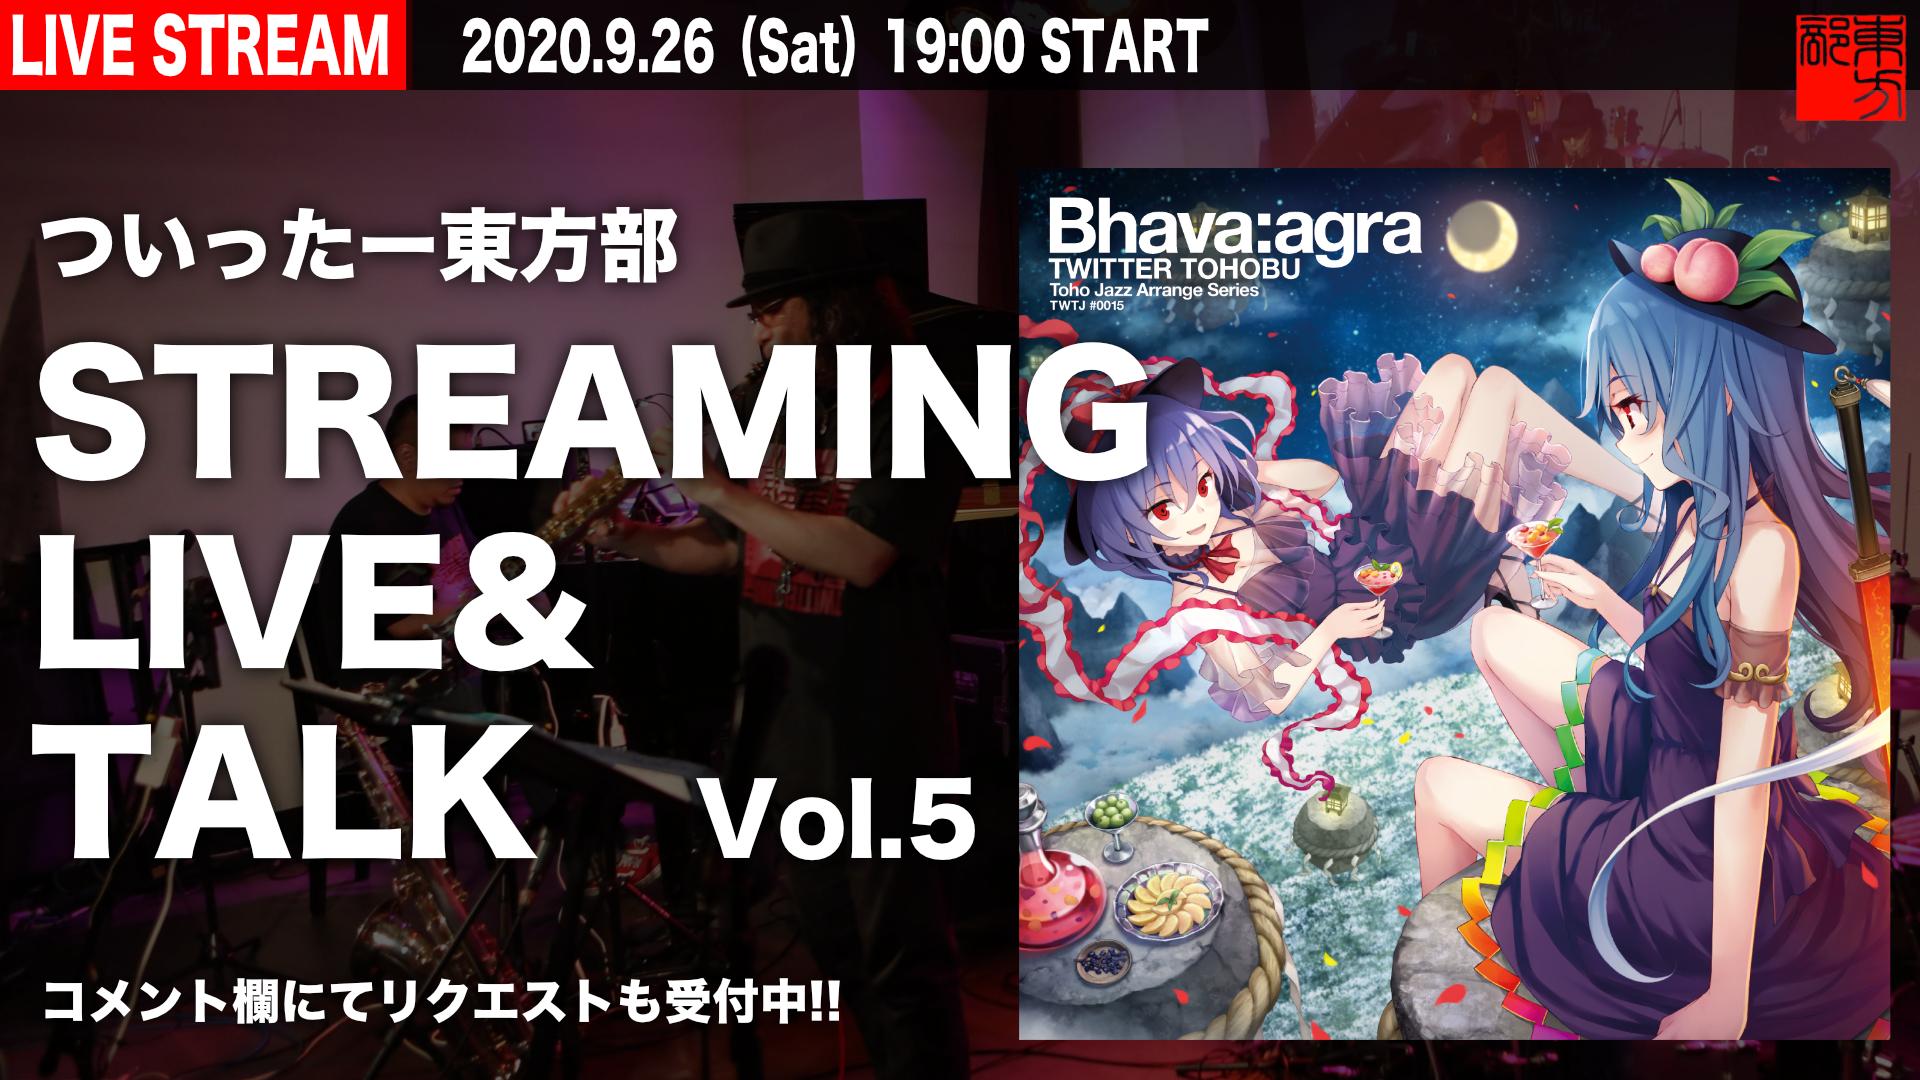 【ついったー東方部】配信ライブ&トーク vol.5 2020/0926 19:00